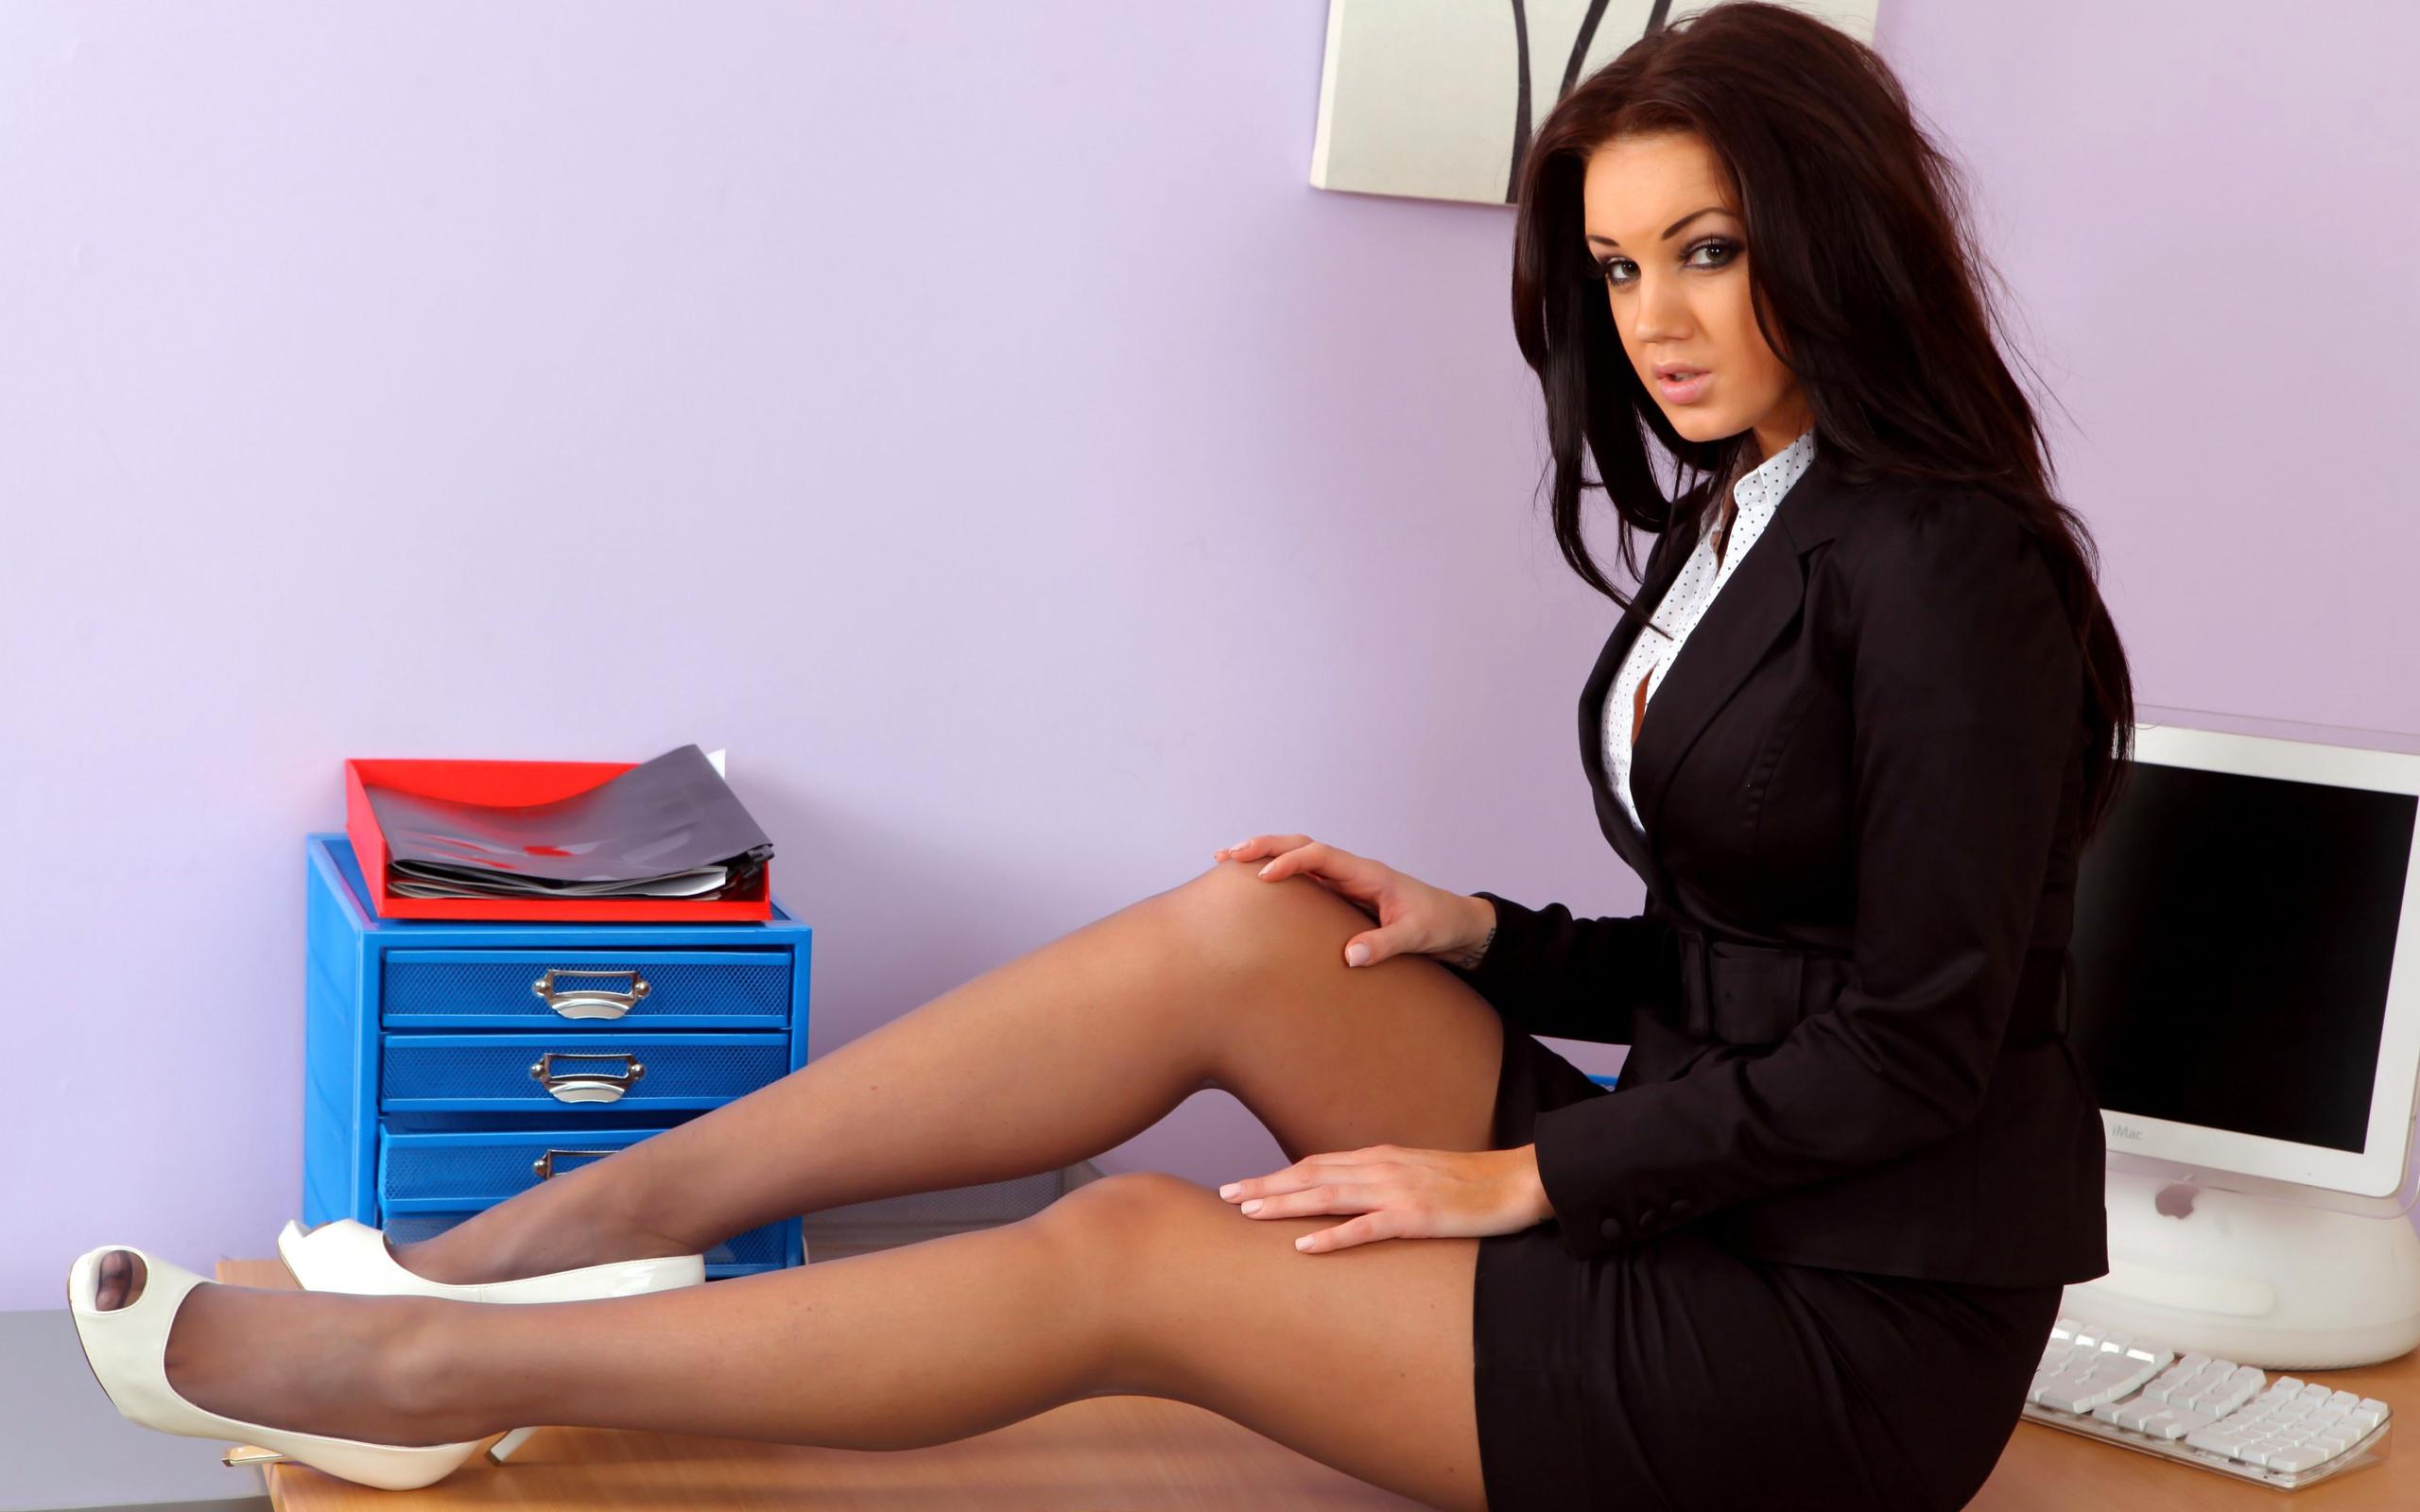 Трахал секретаршу на работе, Секс на работе - Самая жирная коллекция порно на 27 фотография